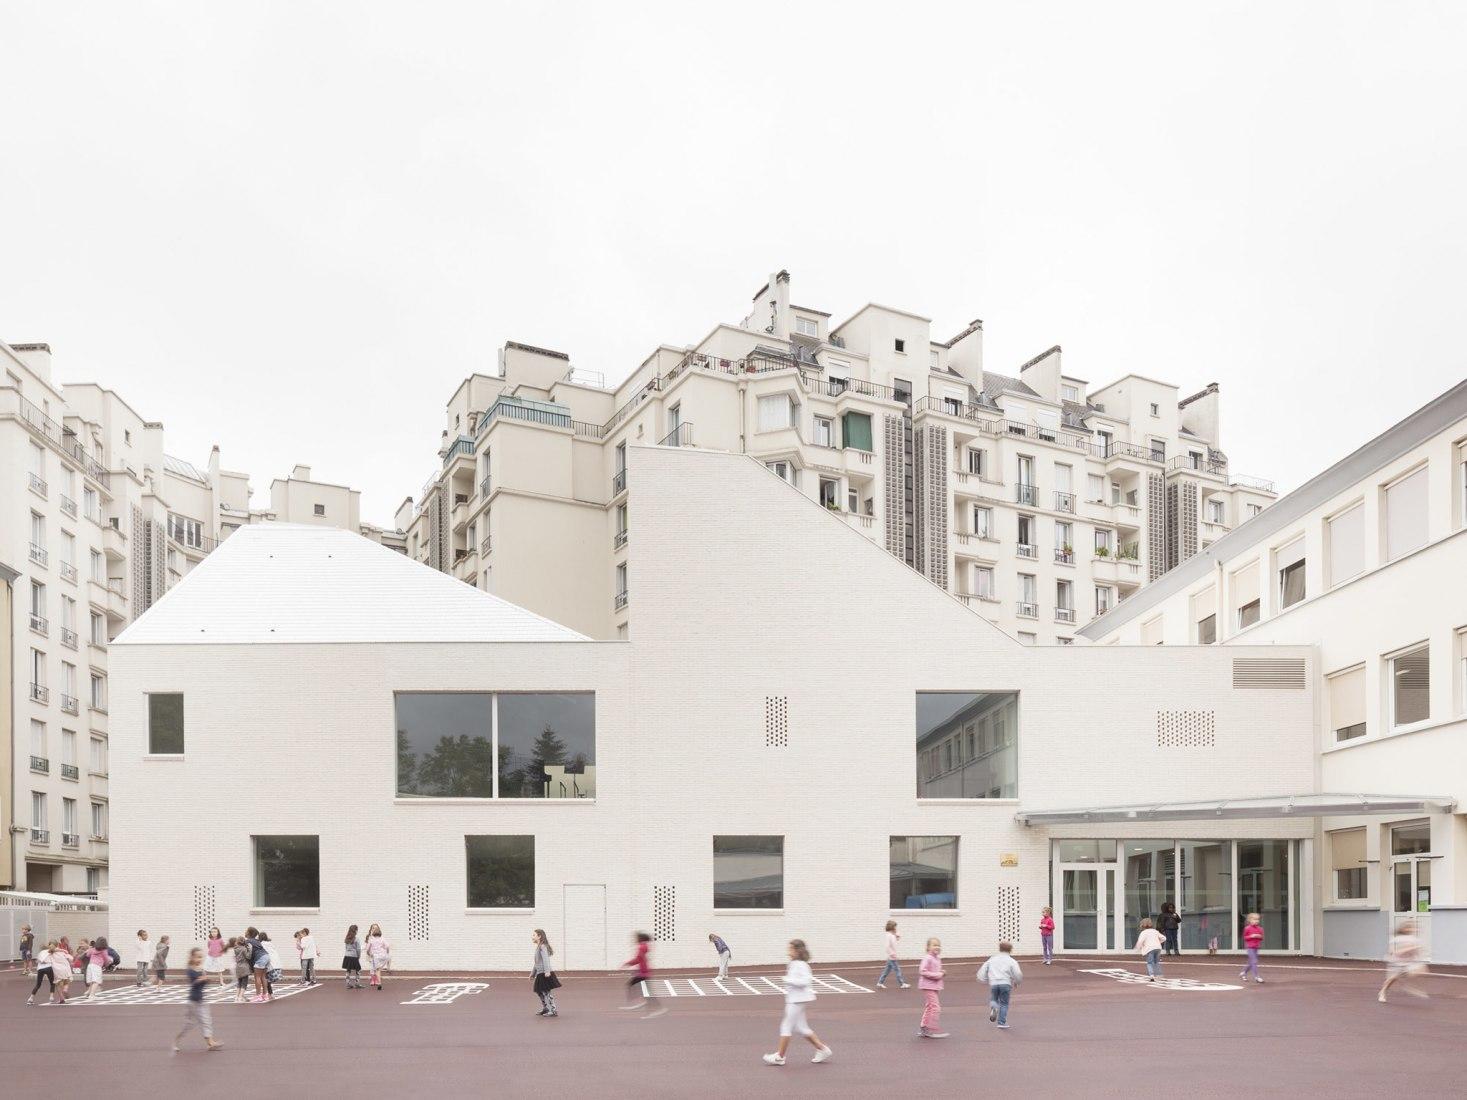 Conservatorio Regional en Versailles por Joly & Loiret. Fotografía © Schnepp Renou